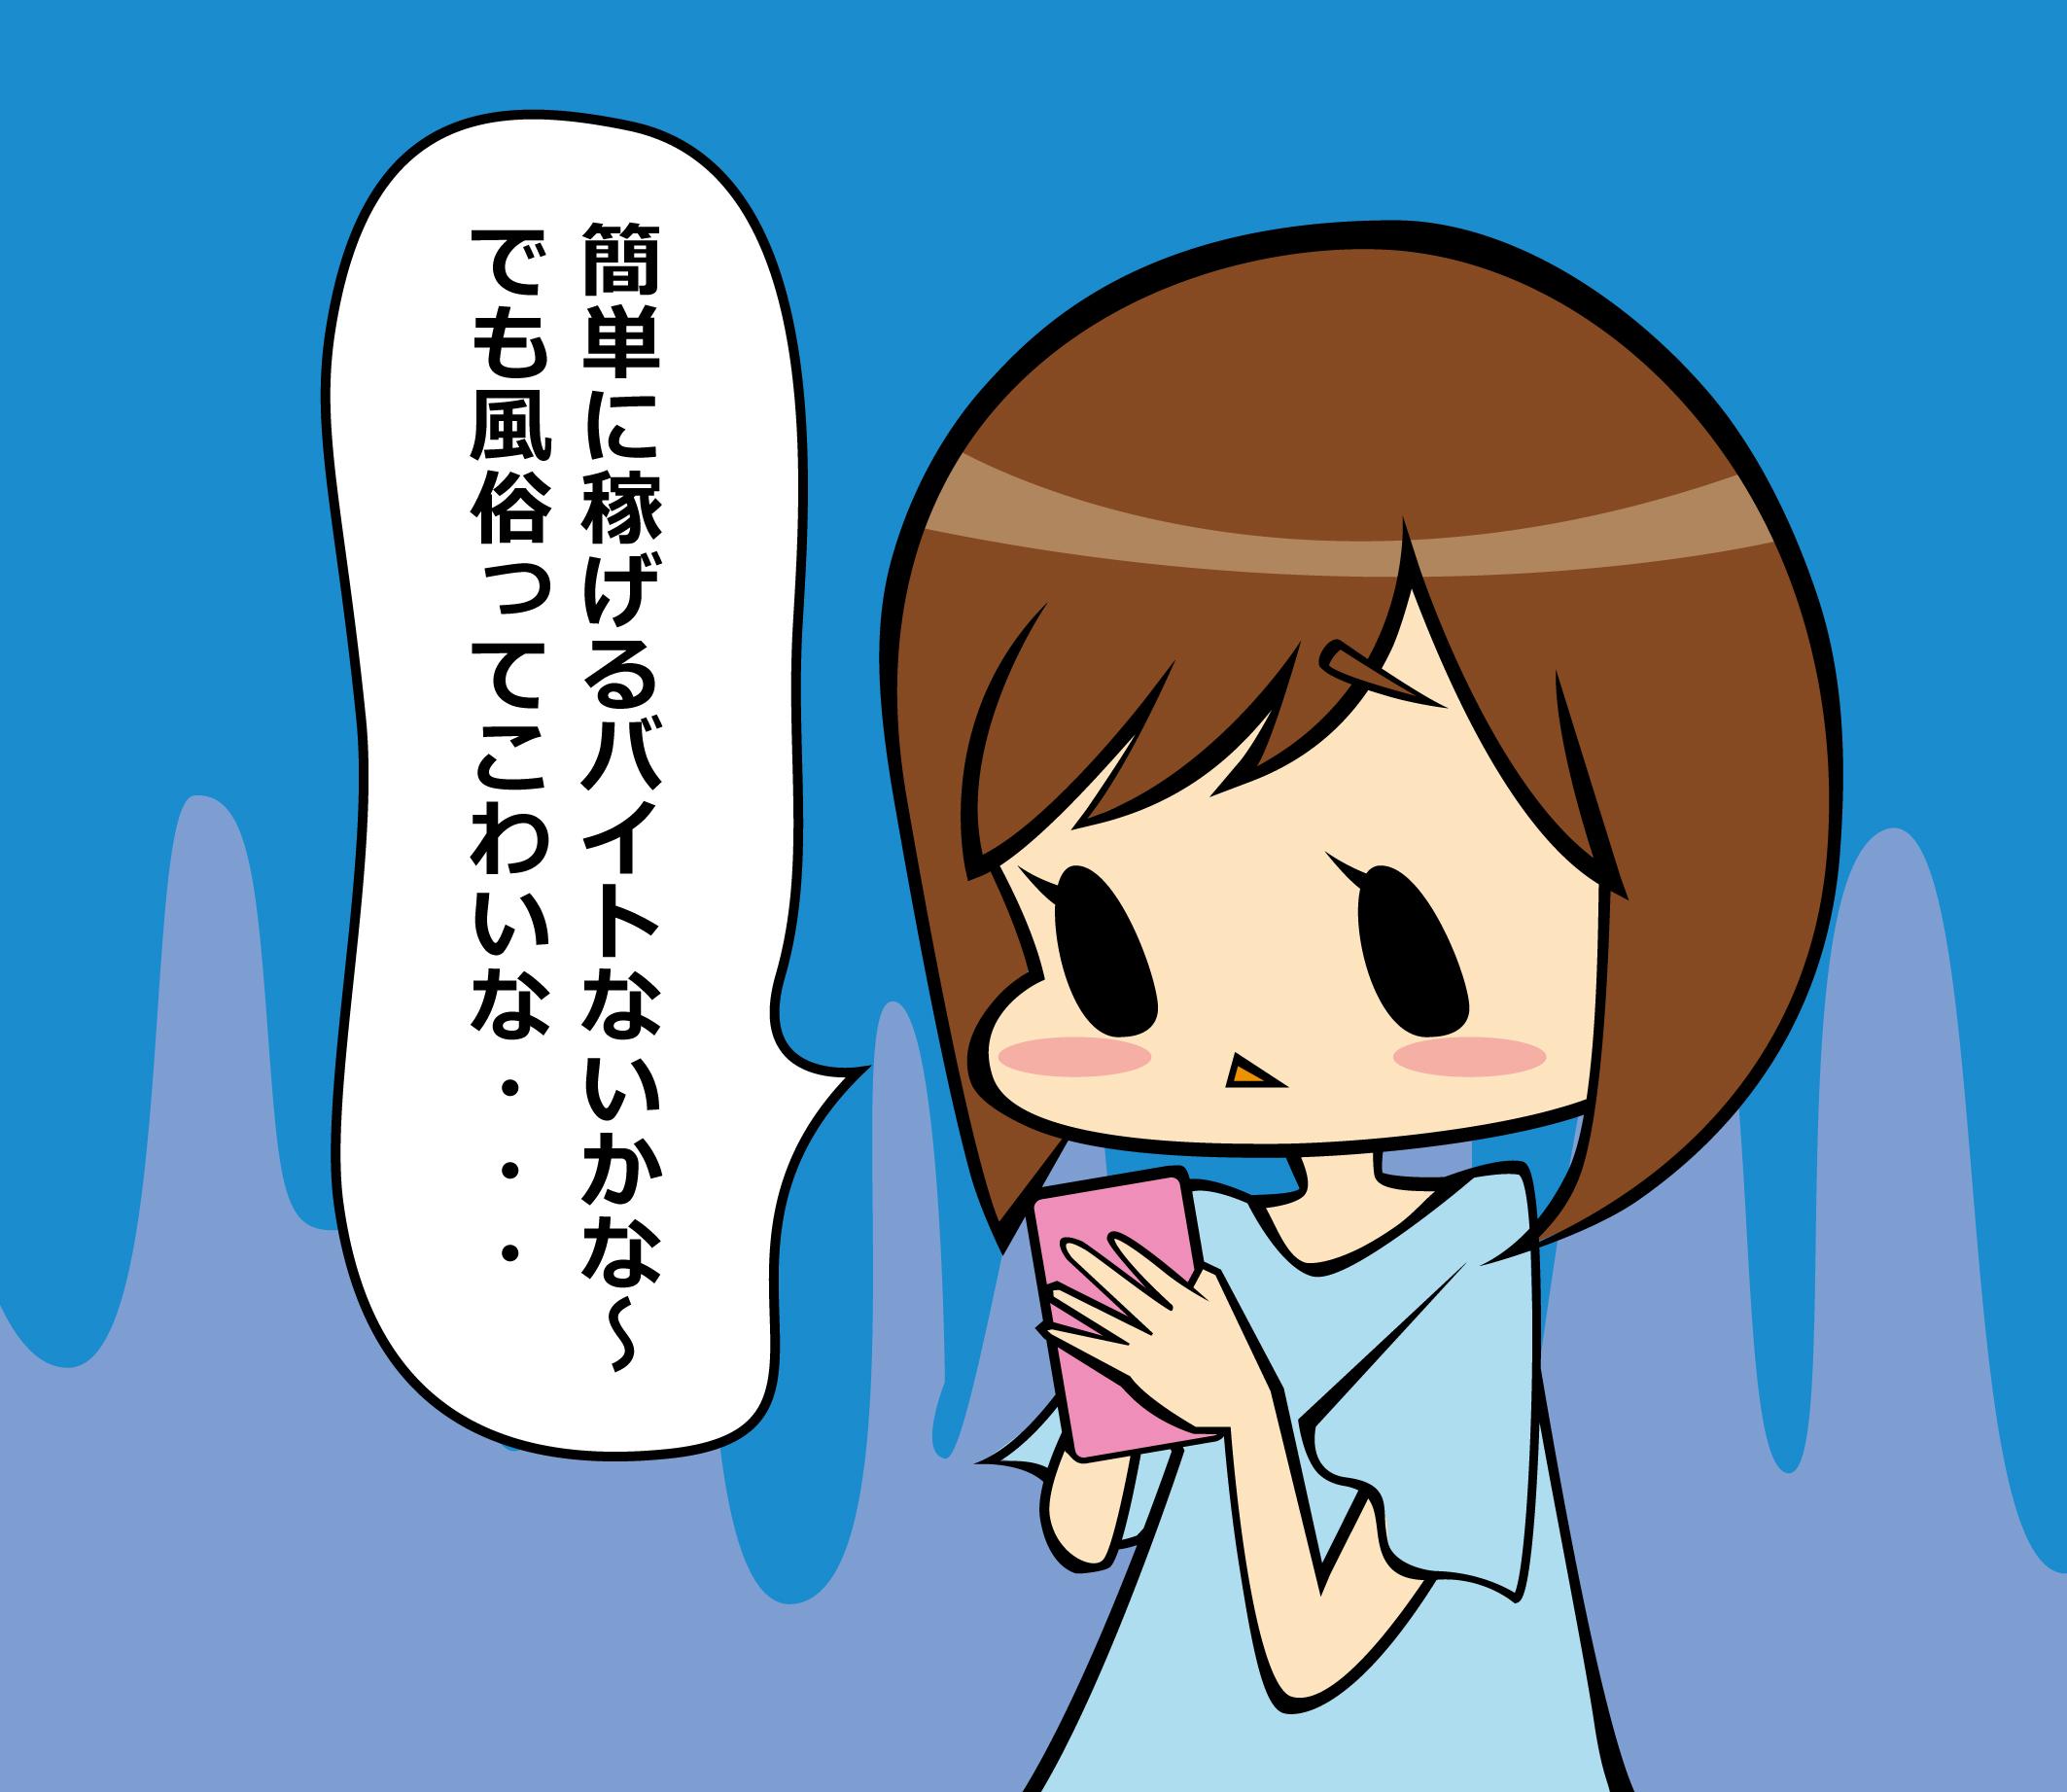 テコちゃん求人漫画1